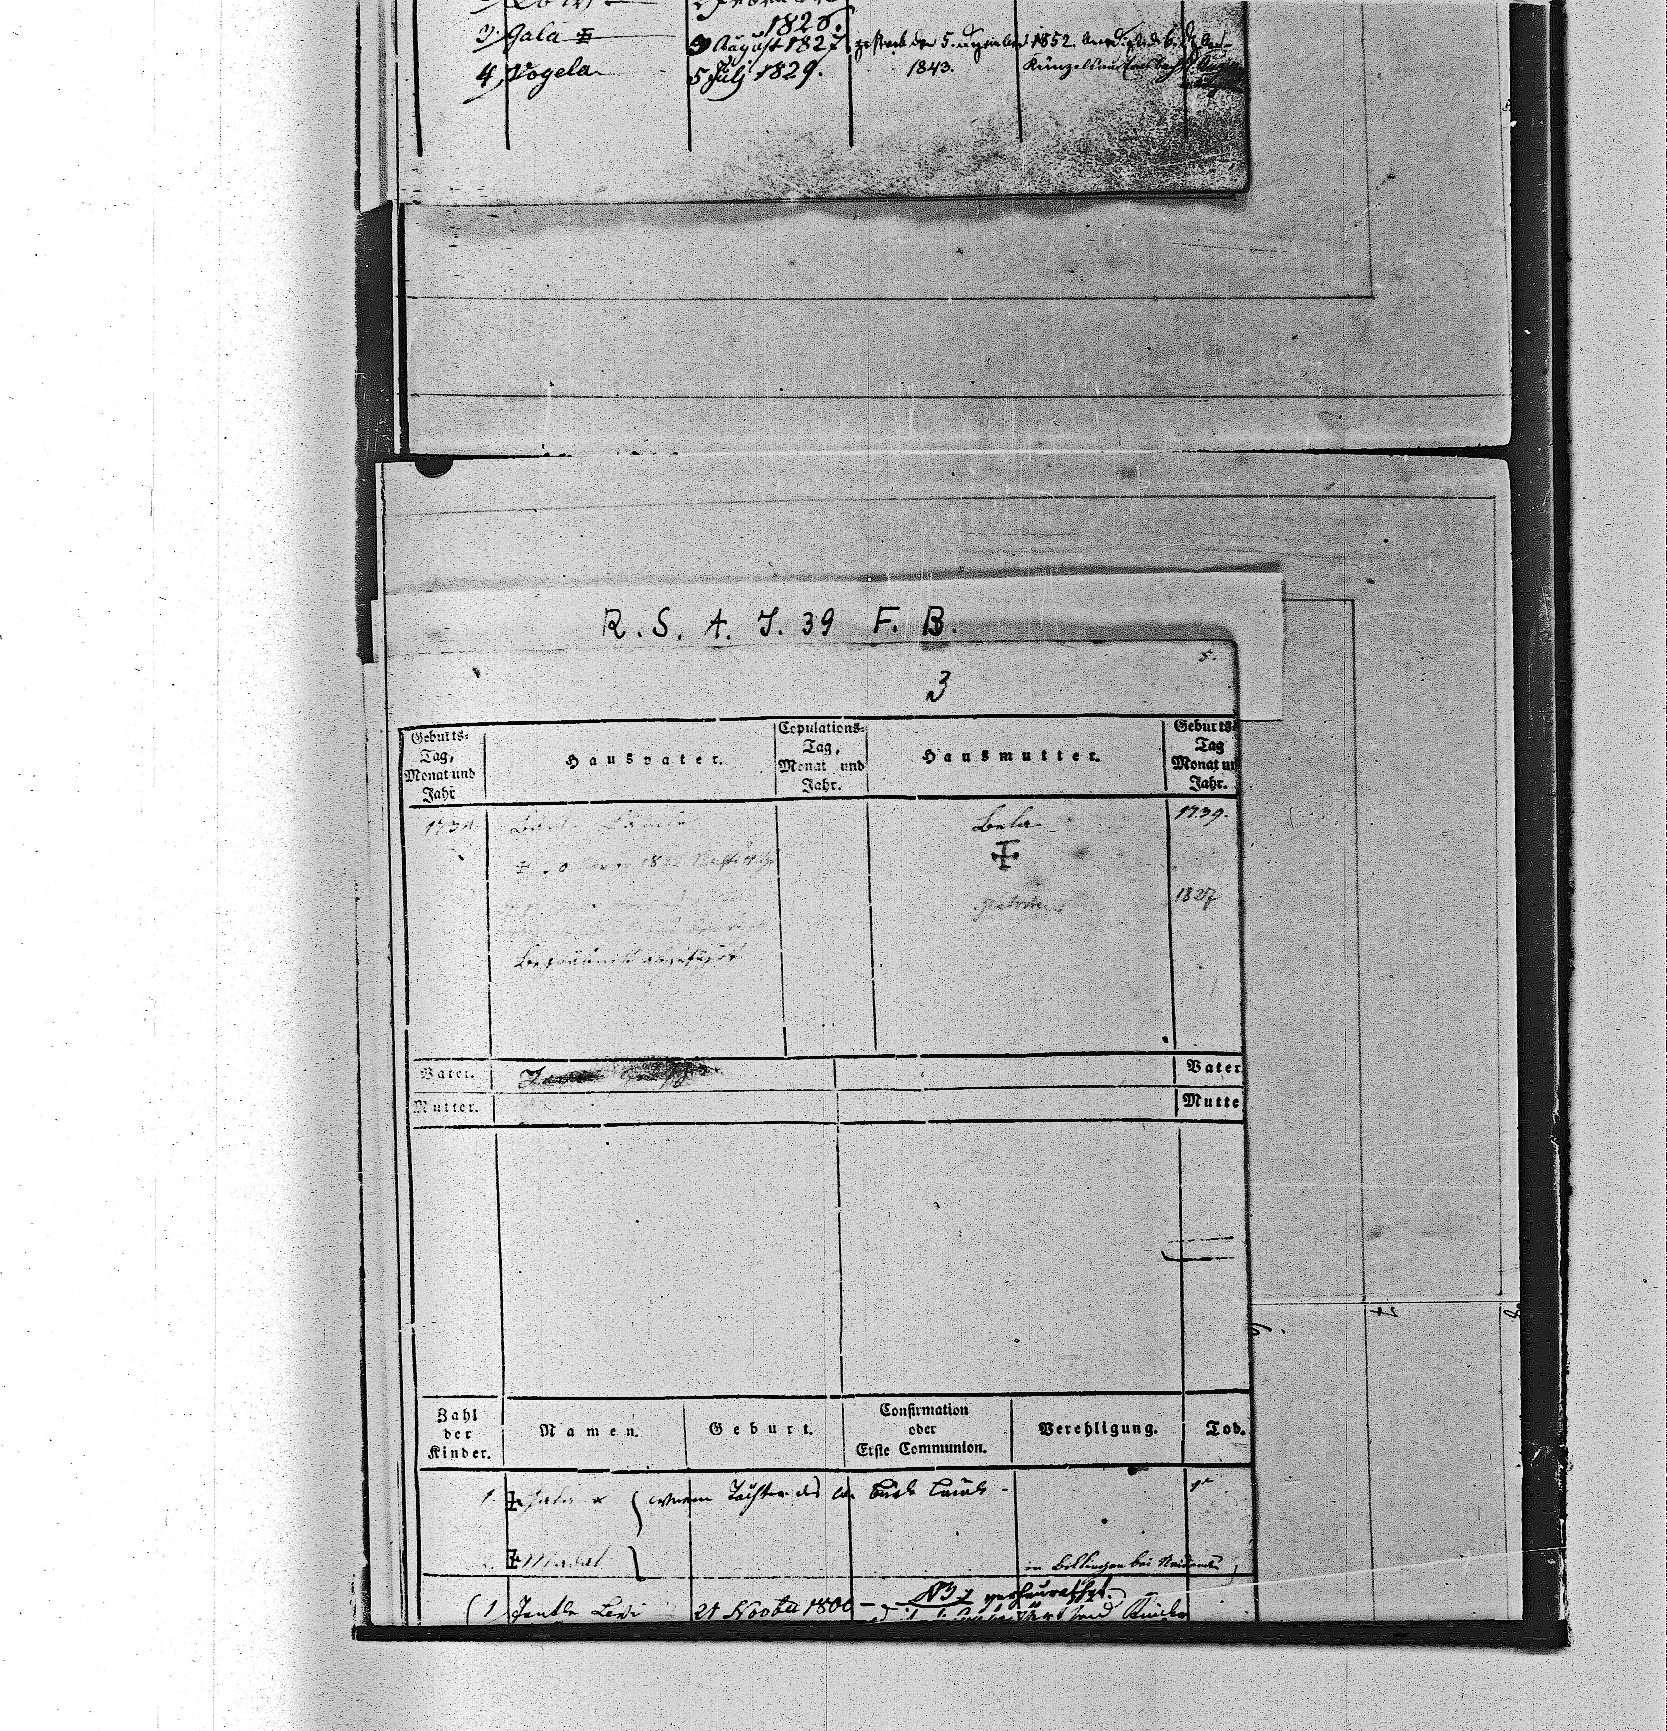 Ailringen, Mulfingen, Bild 1